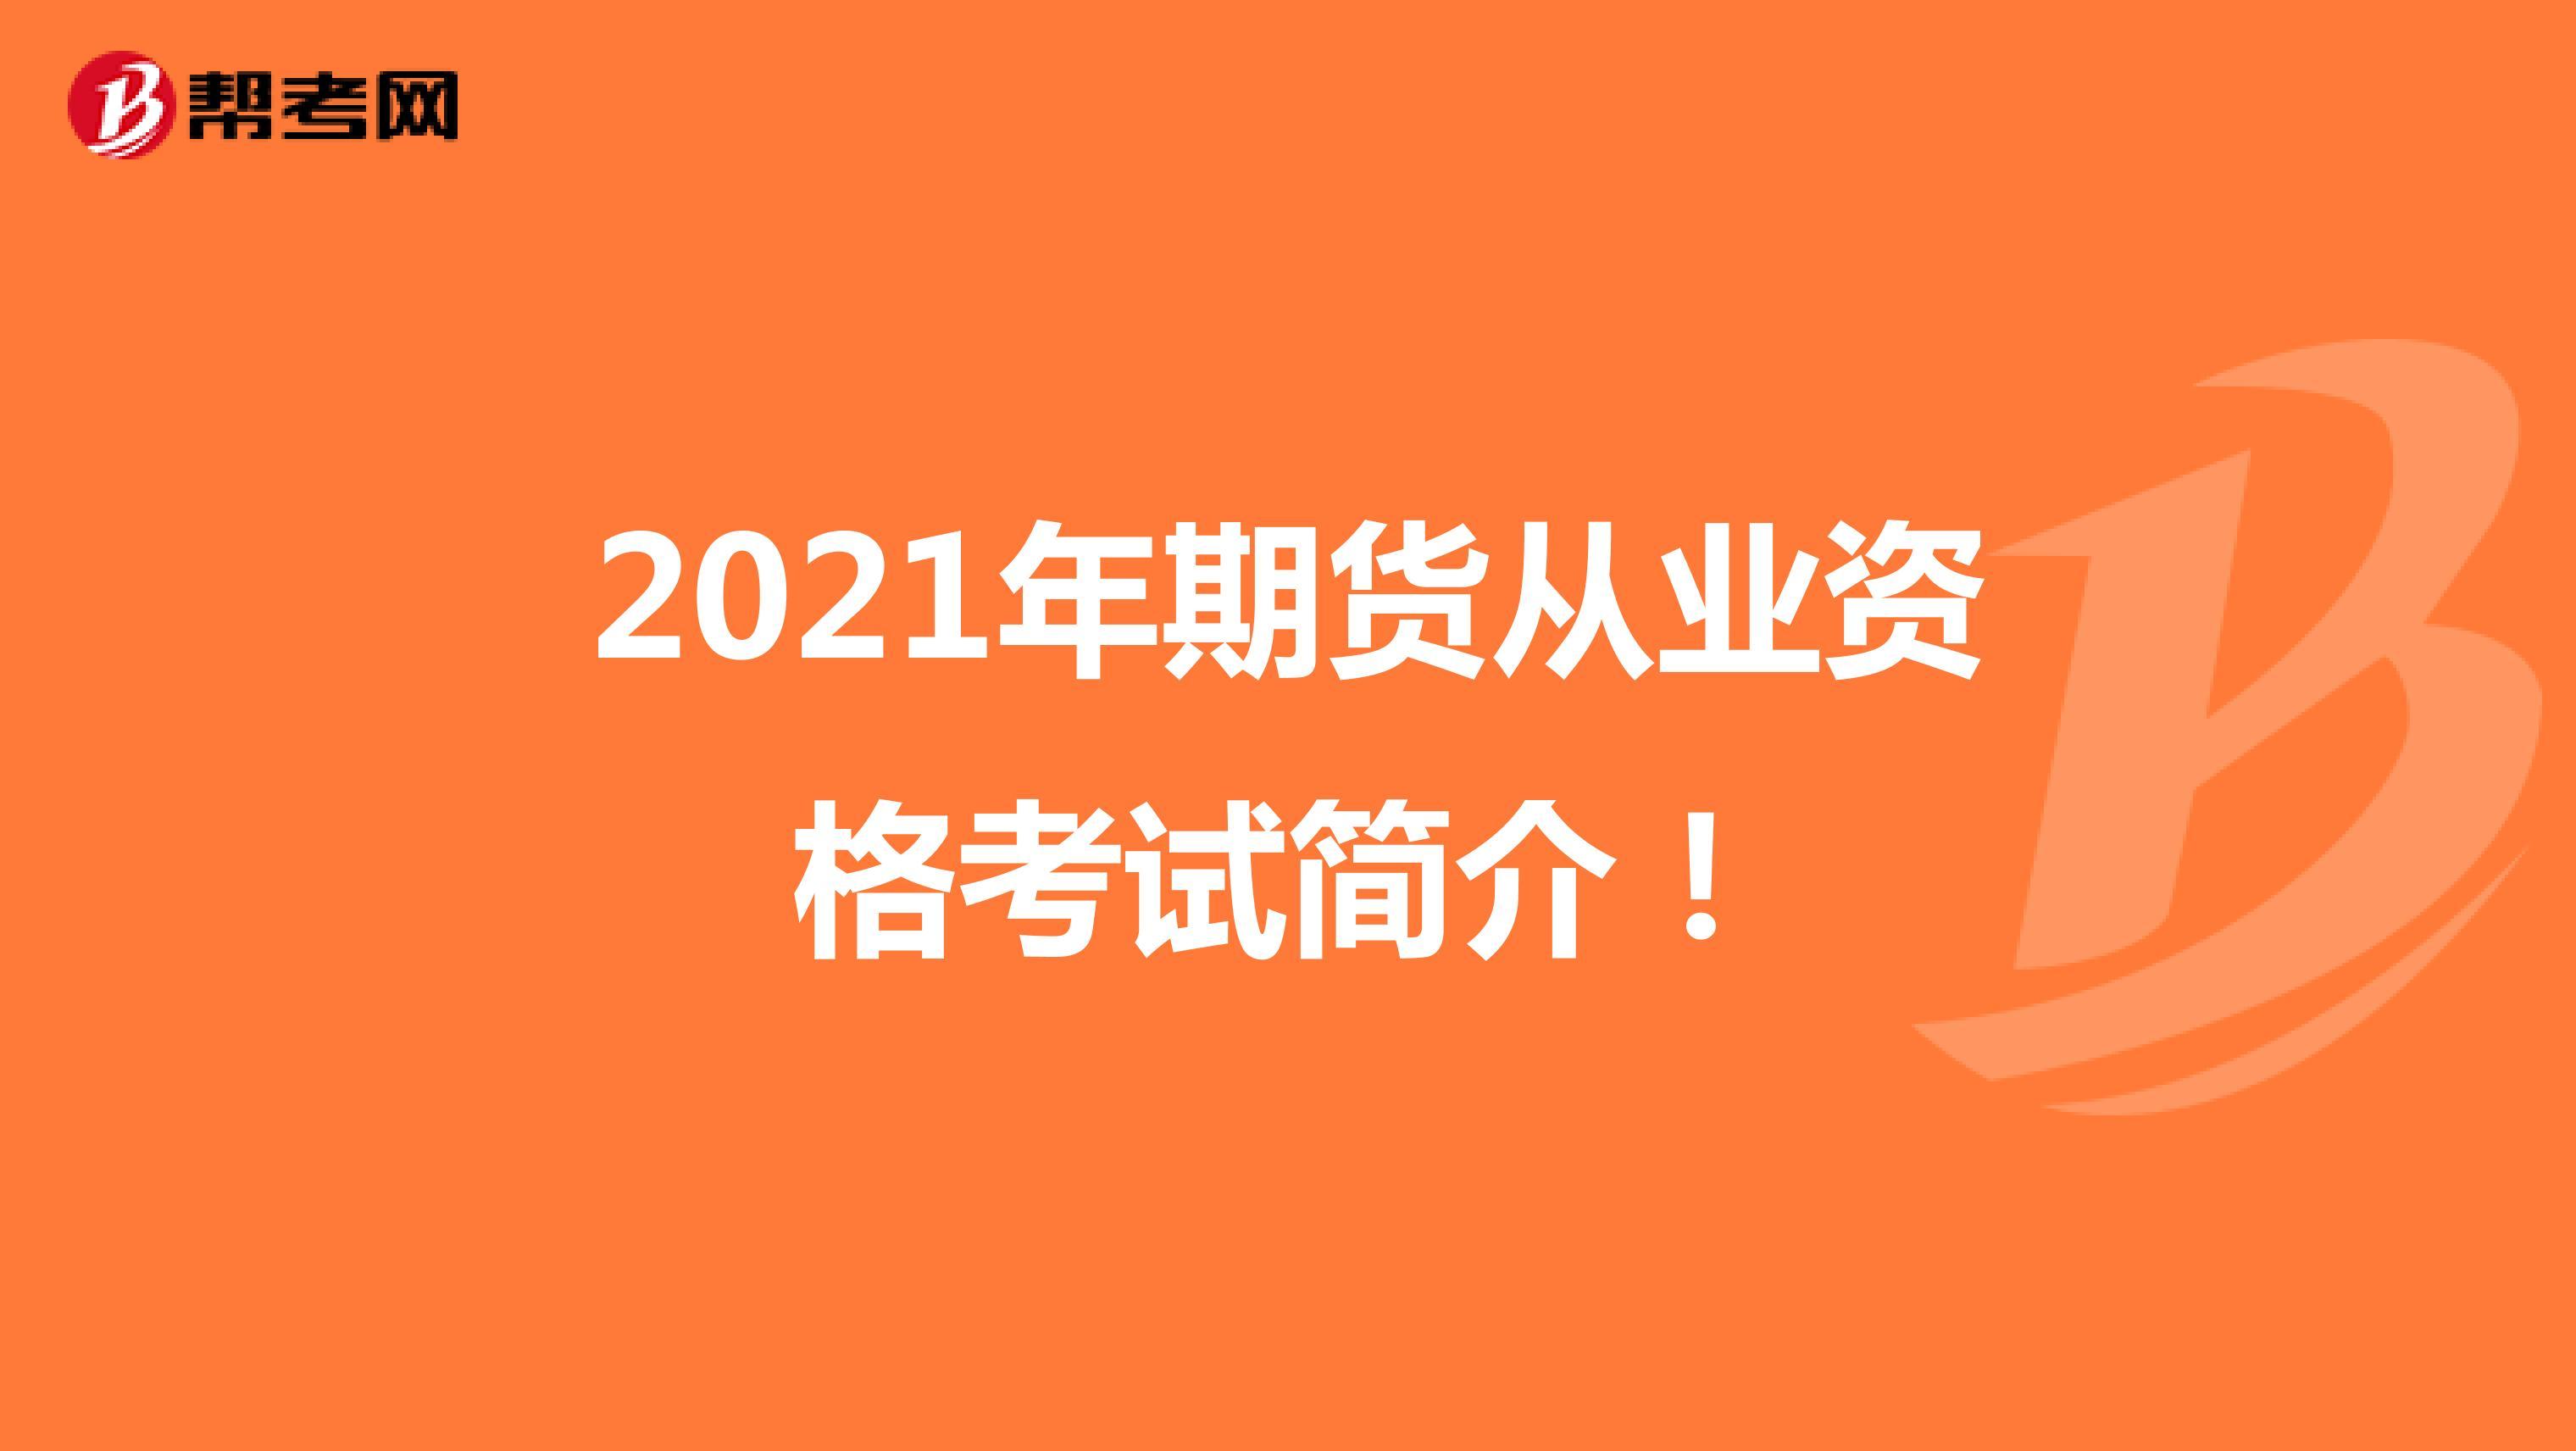 2021年期货从业资格考试简介!